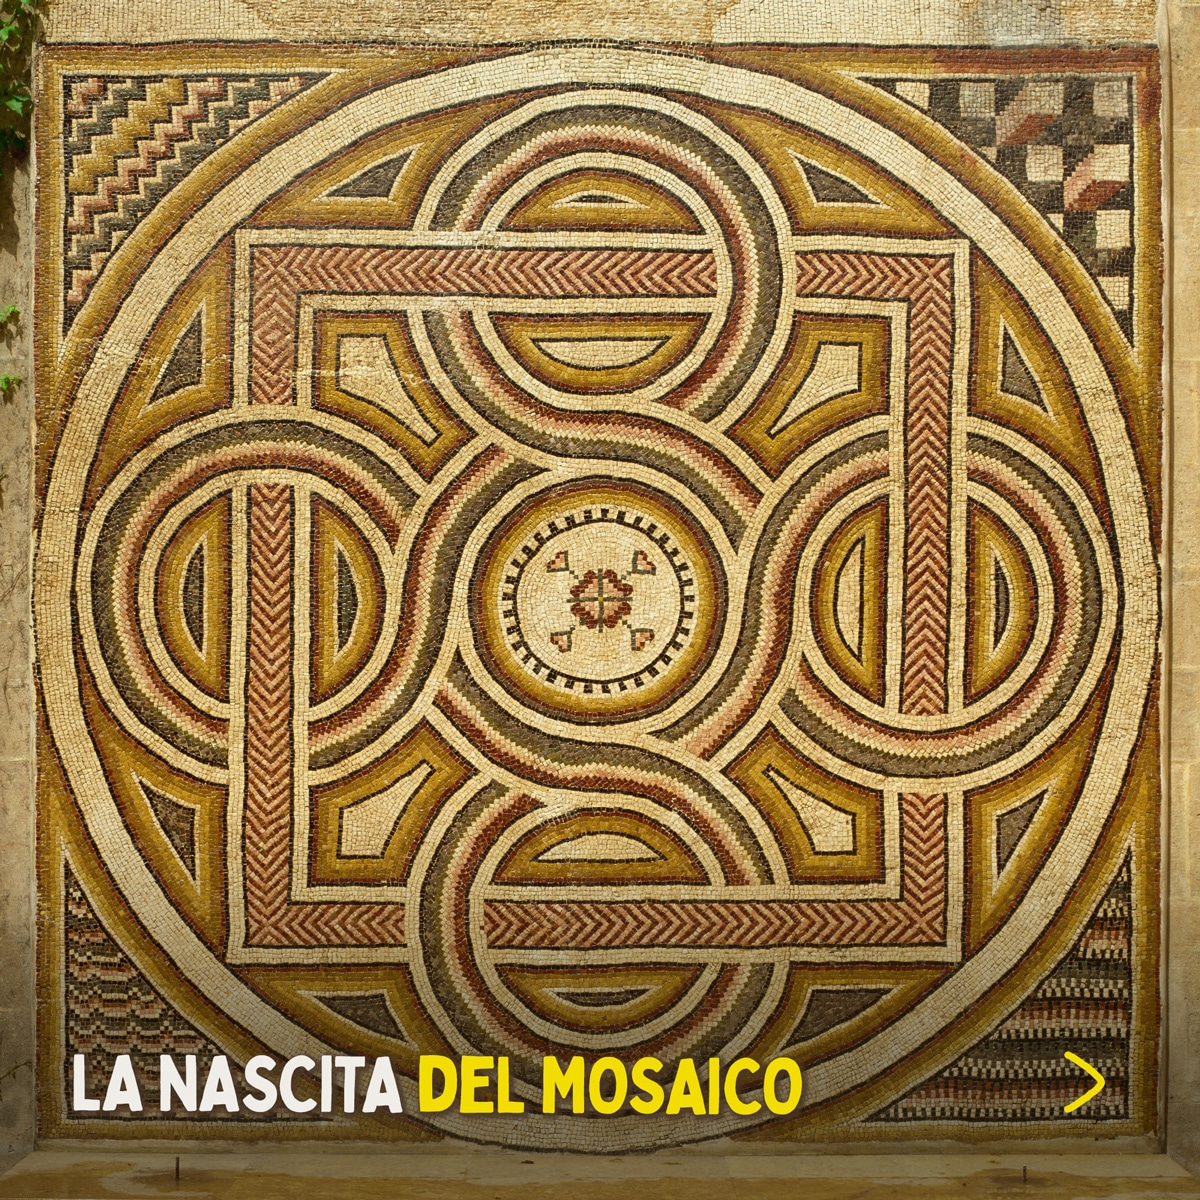 La tecnica del mosaico: arte a forma di puzzle